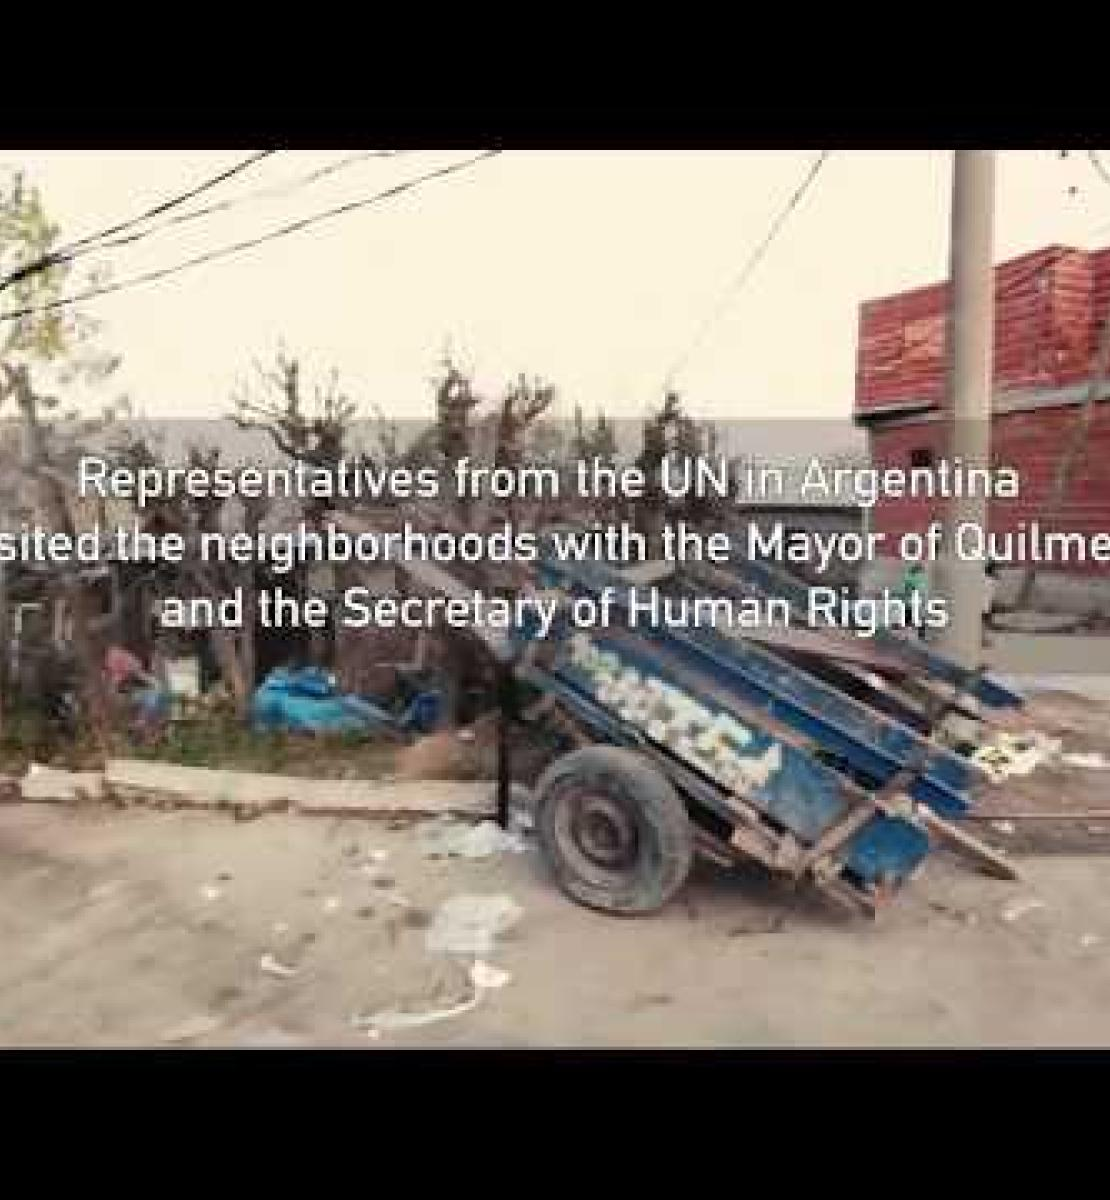 استجابة الأمم المتحدة في الأرجنتين لجائحة كوفيد-19